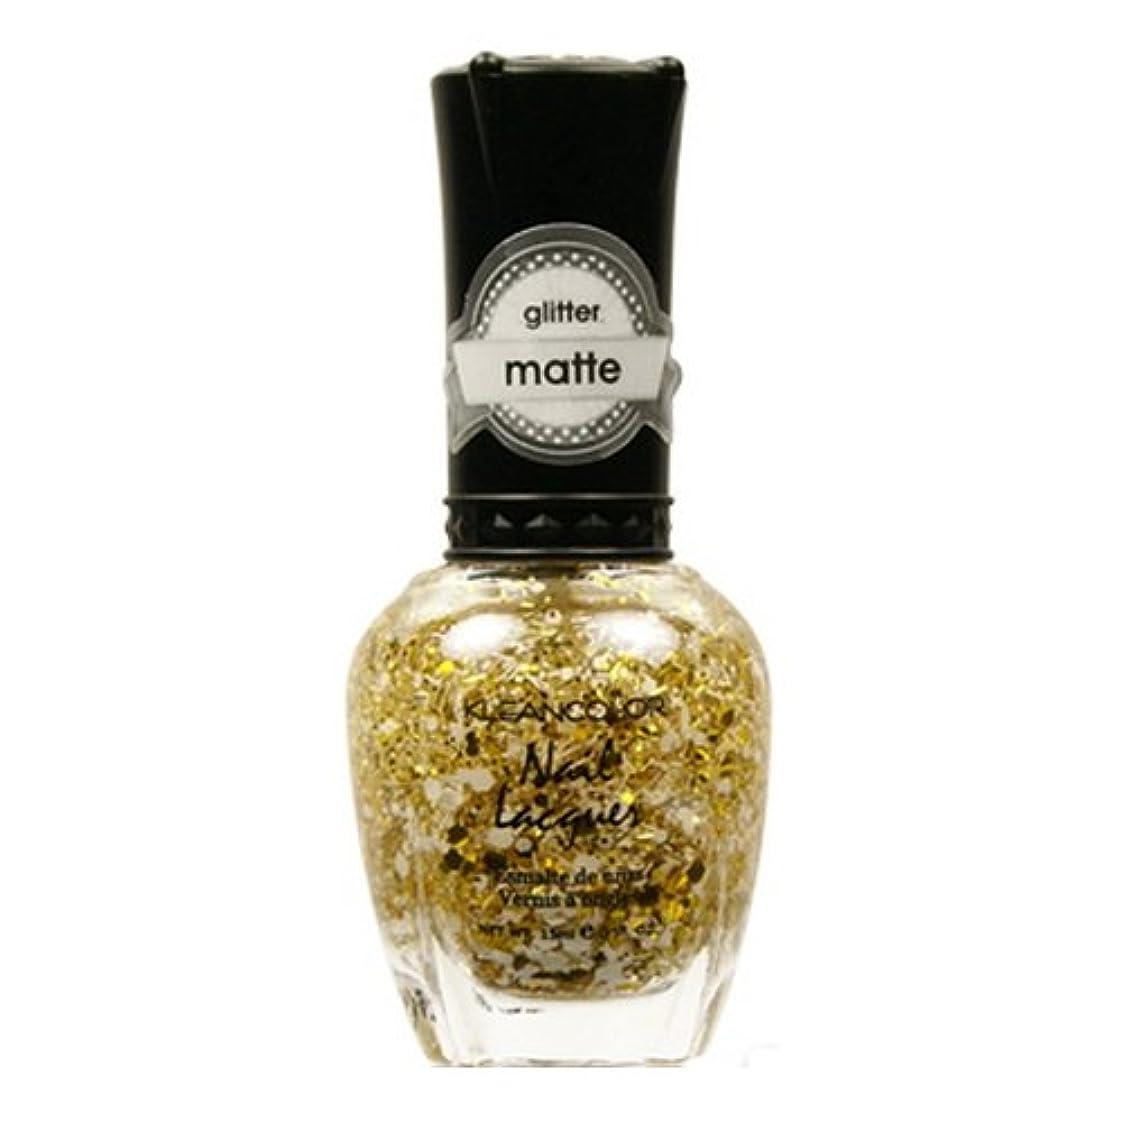 証拠権利を与える建てるKLEANCOLOR Glitter Matte Nail Lacquer - Everyday is My Birthday (並行輸入品)